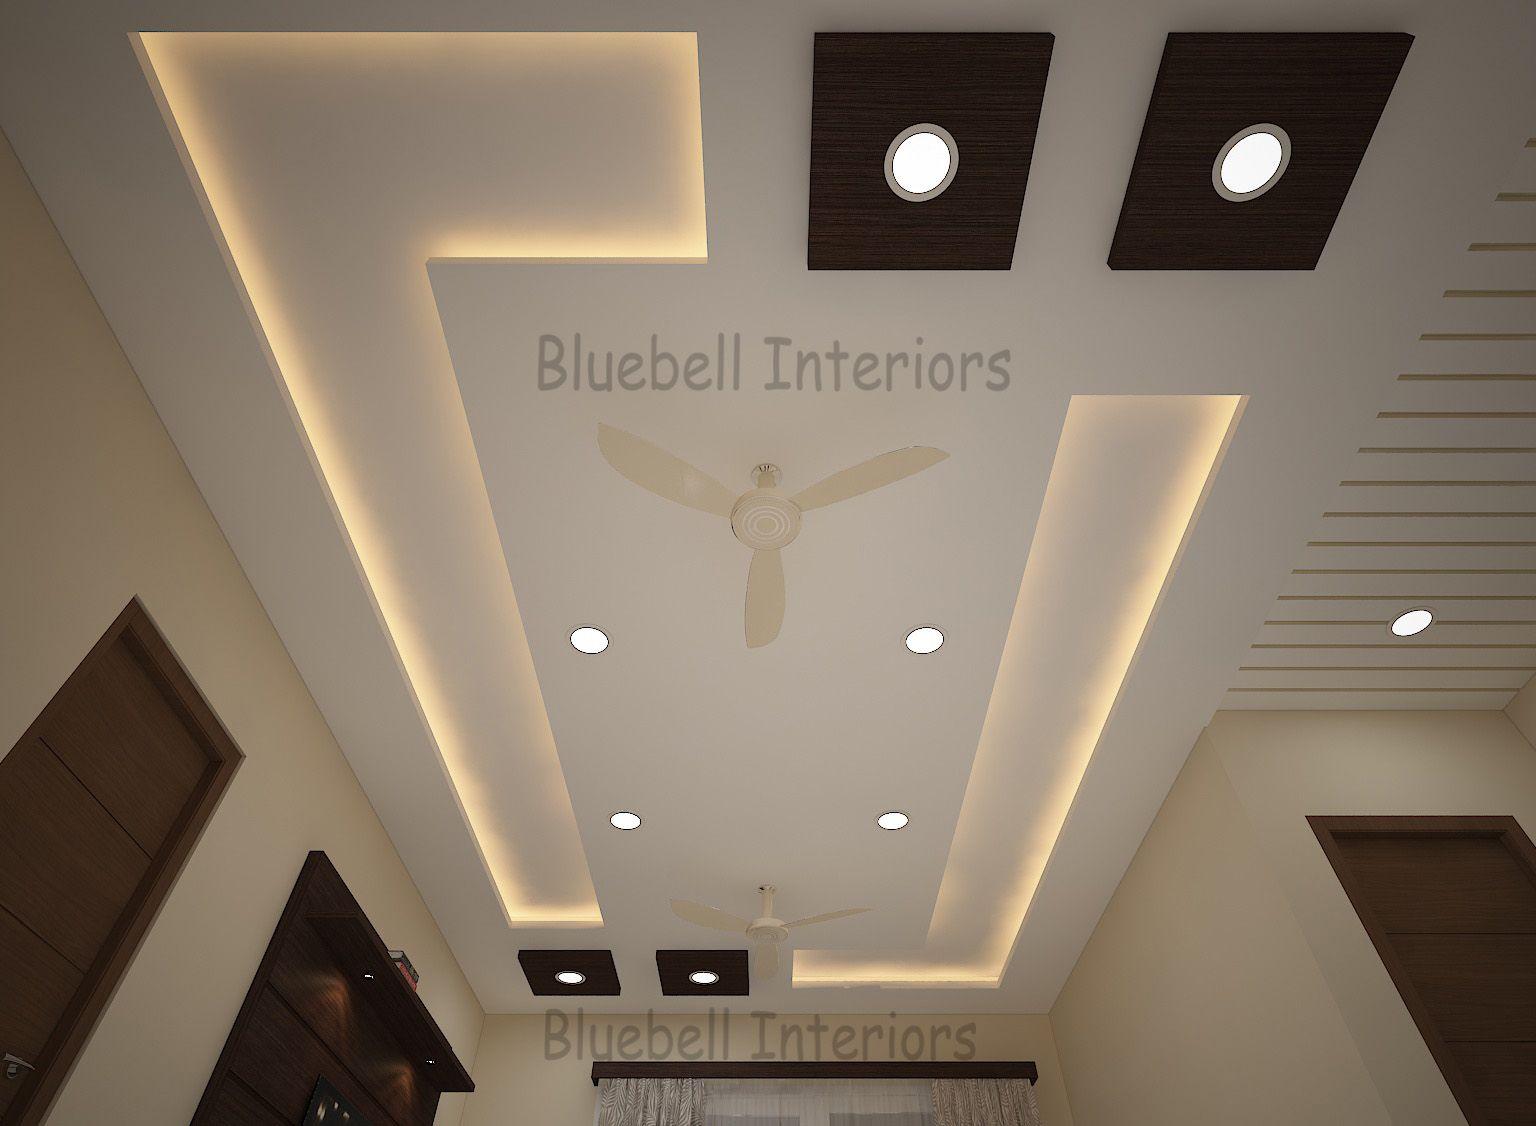 300 Ceiling Ideas In 2020 Ceiling Design False Ceiling Design Ceiling Design Bedroom